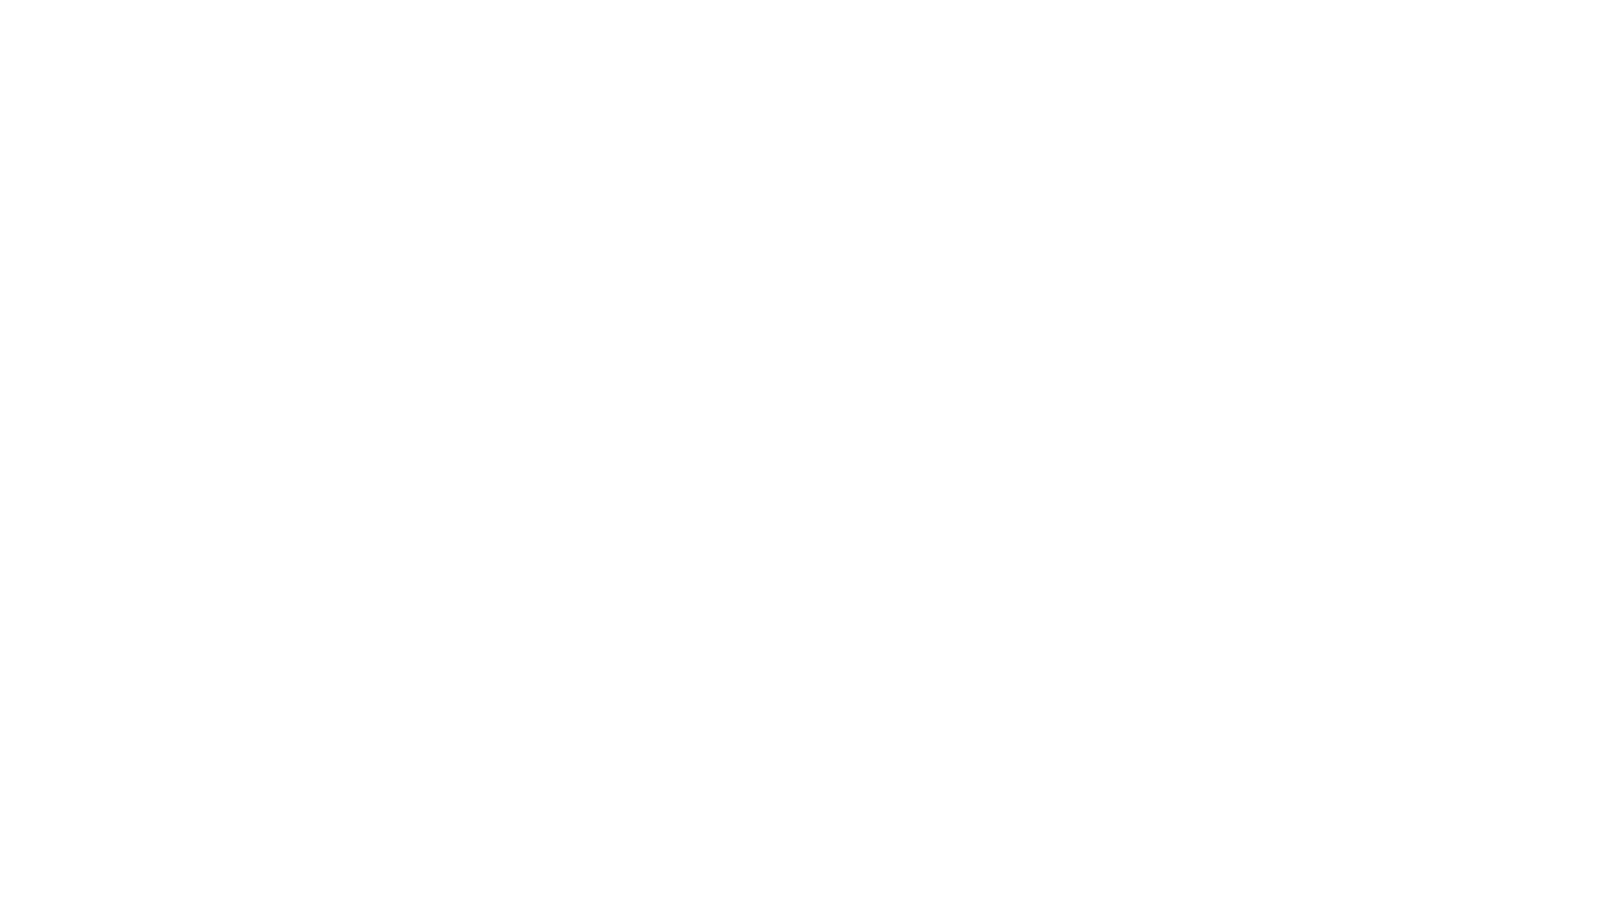 """Utwór """"Jezus Chrystus moim Panem jest"""" wykonany przez Diakonię Muzyczną Ruchu Światło-Życie Archidiecezji Gnieźnieńskiej w składzie: Aleksandra Myka Anna Banasińska Jagoda Marciniak Lilianna Kłos Magdalena Rudzińska Maria Nowakowska Michał Piwiński Monika Stachowiak Rozalia Budzyńska Sandra Marcinkiewicz Zofia Niedźwiedź"""